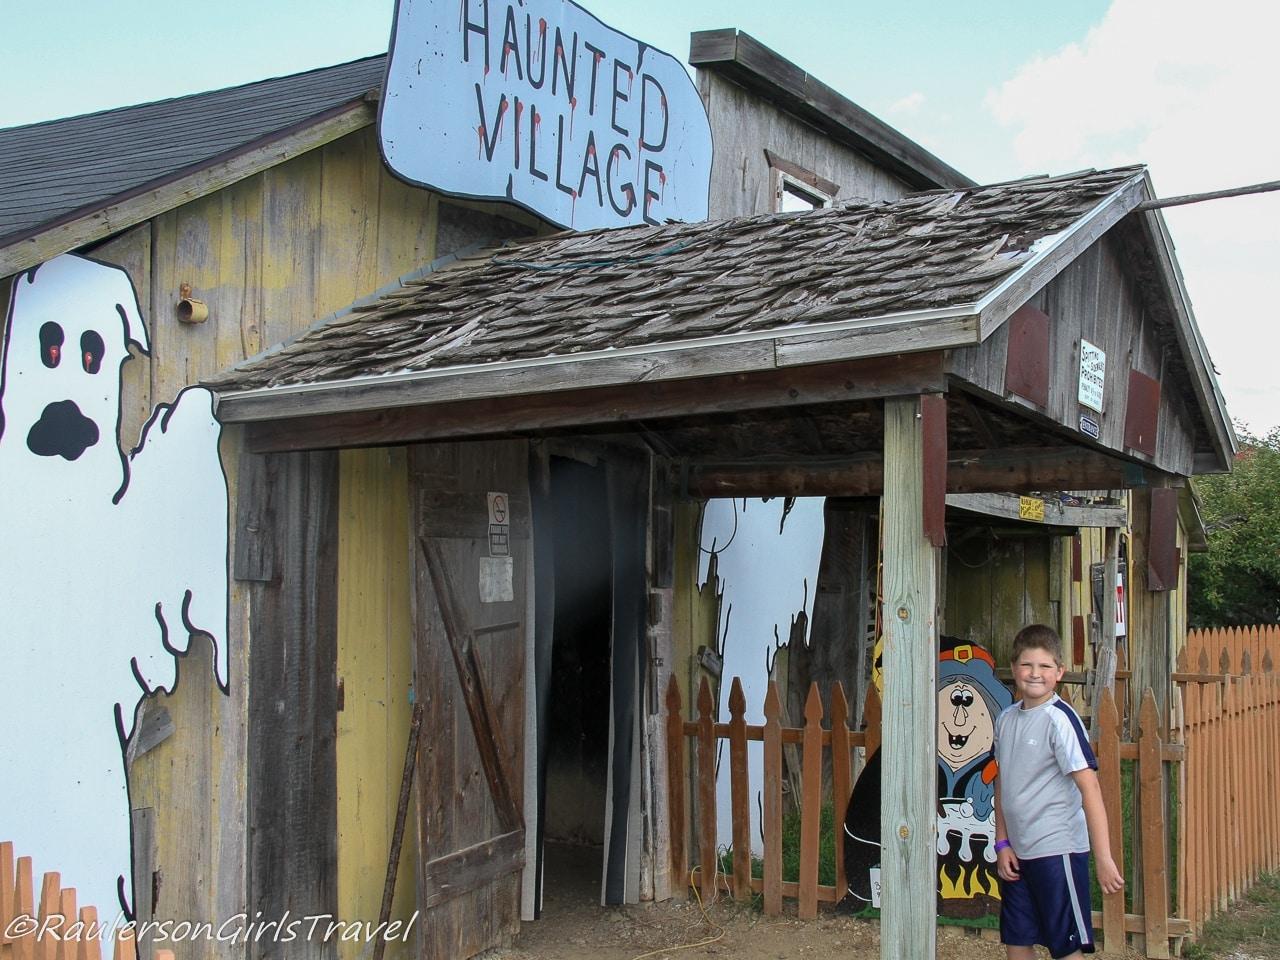 Blake's Cider Mill Haunted Village - Michigan Cider Mills